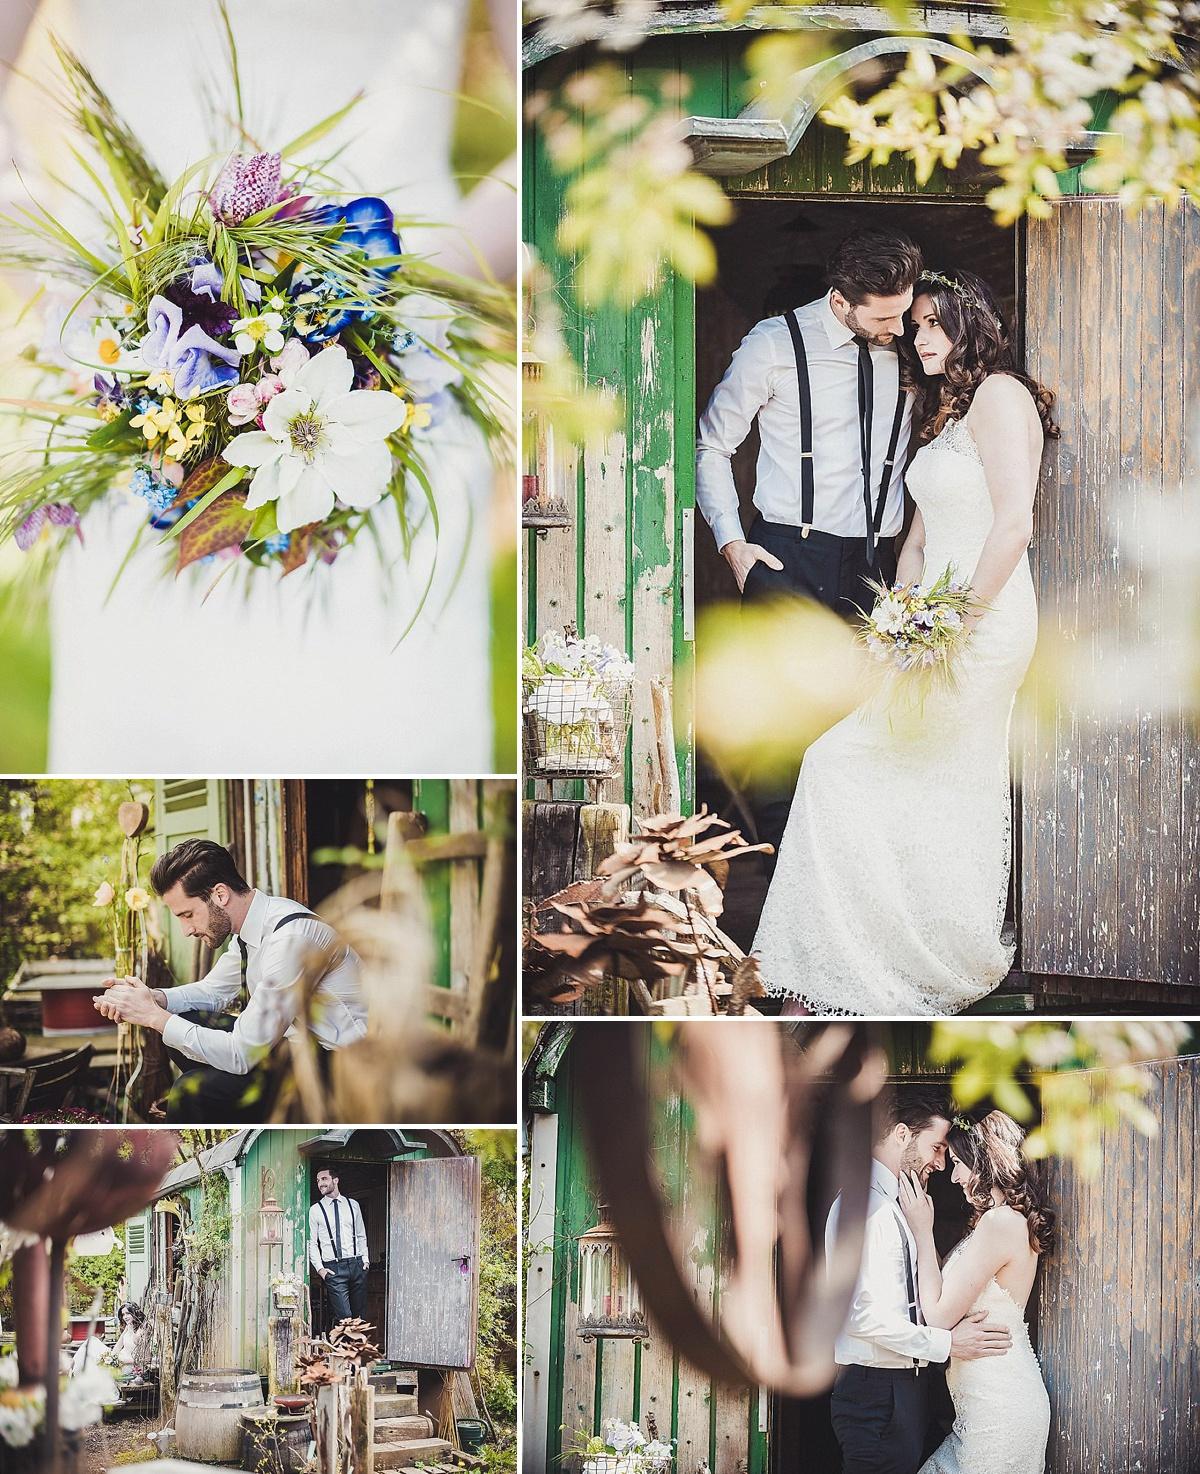 Hochzeit_Fruehling_Wiese_0007